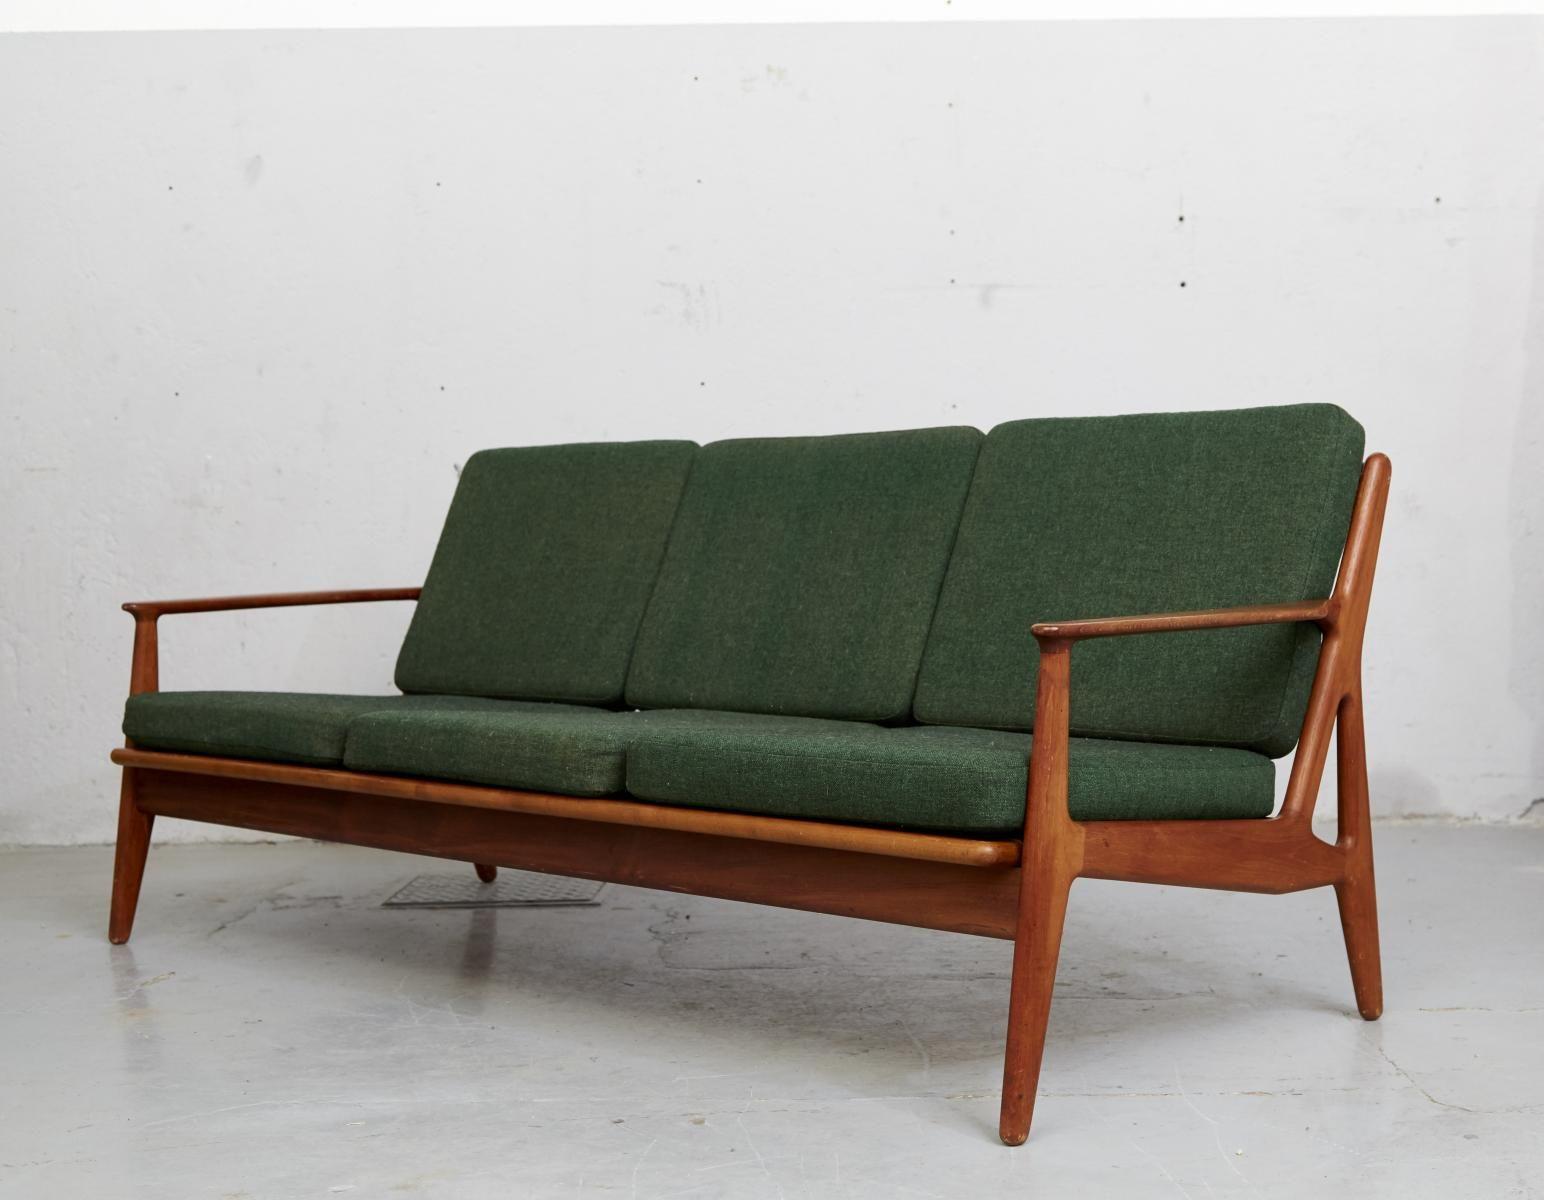 Mid Century Teak Sofa By Arne Vodder For